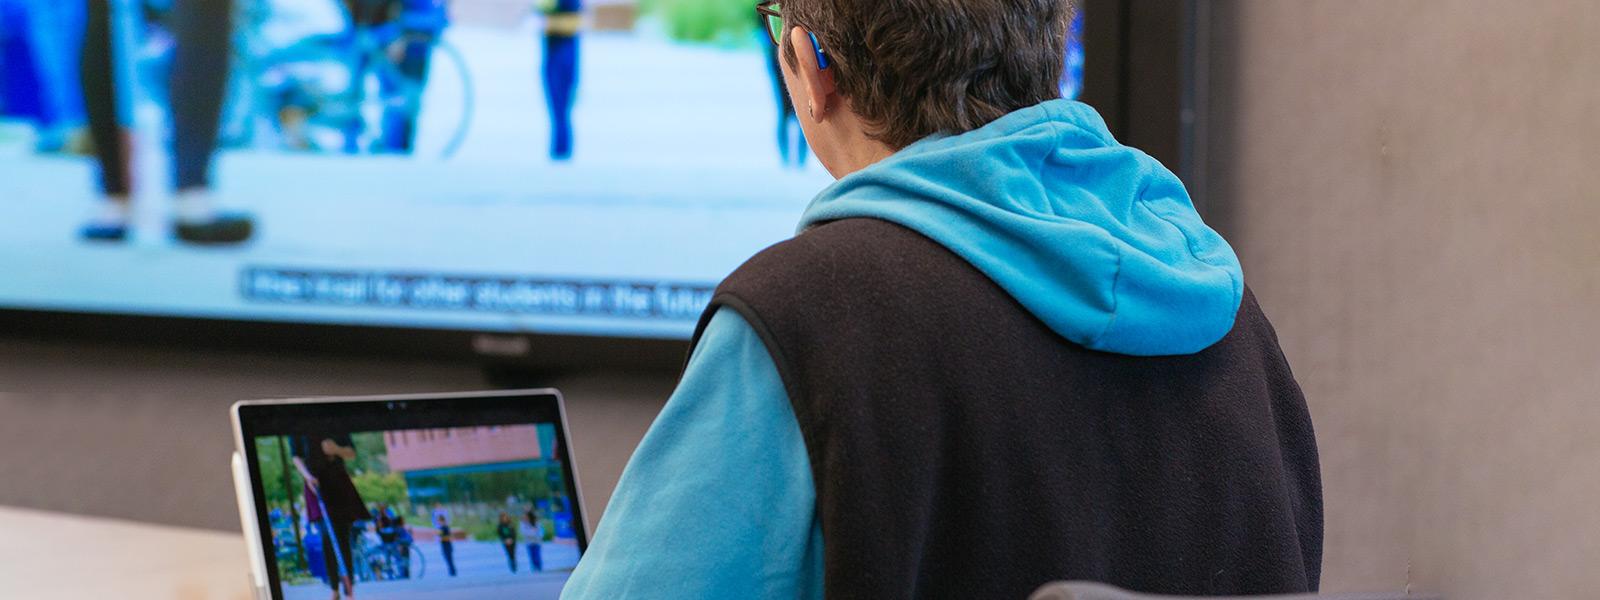 Una donna con un apparecchio acustico guarda una presentazione video con i sottotitoli